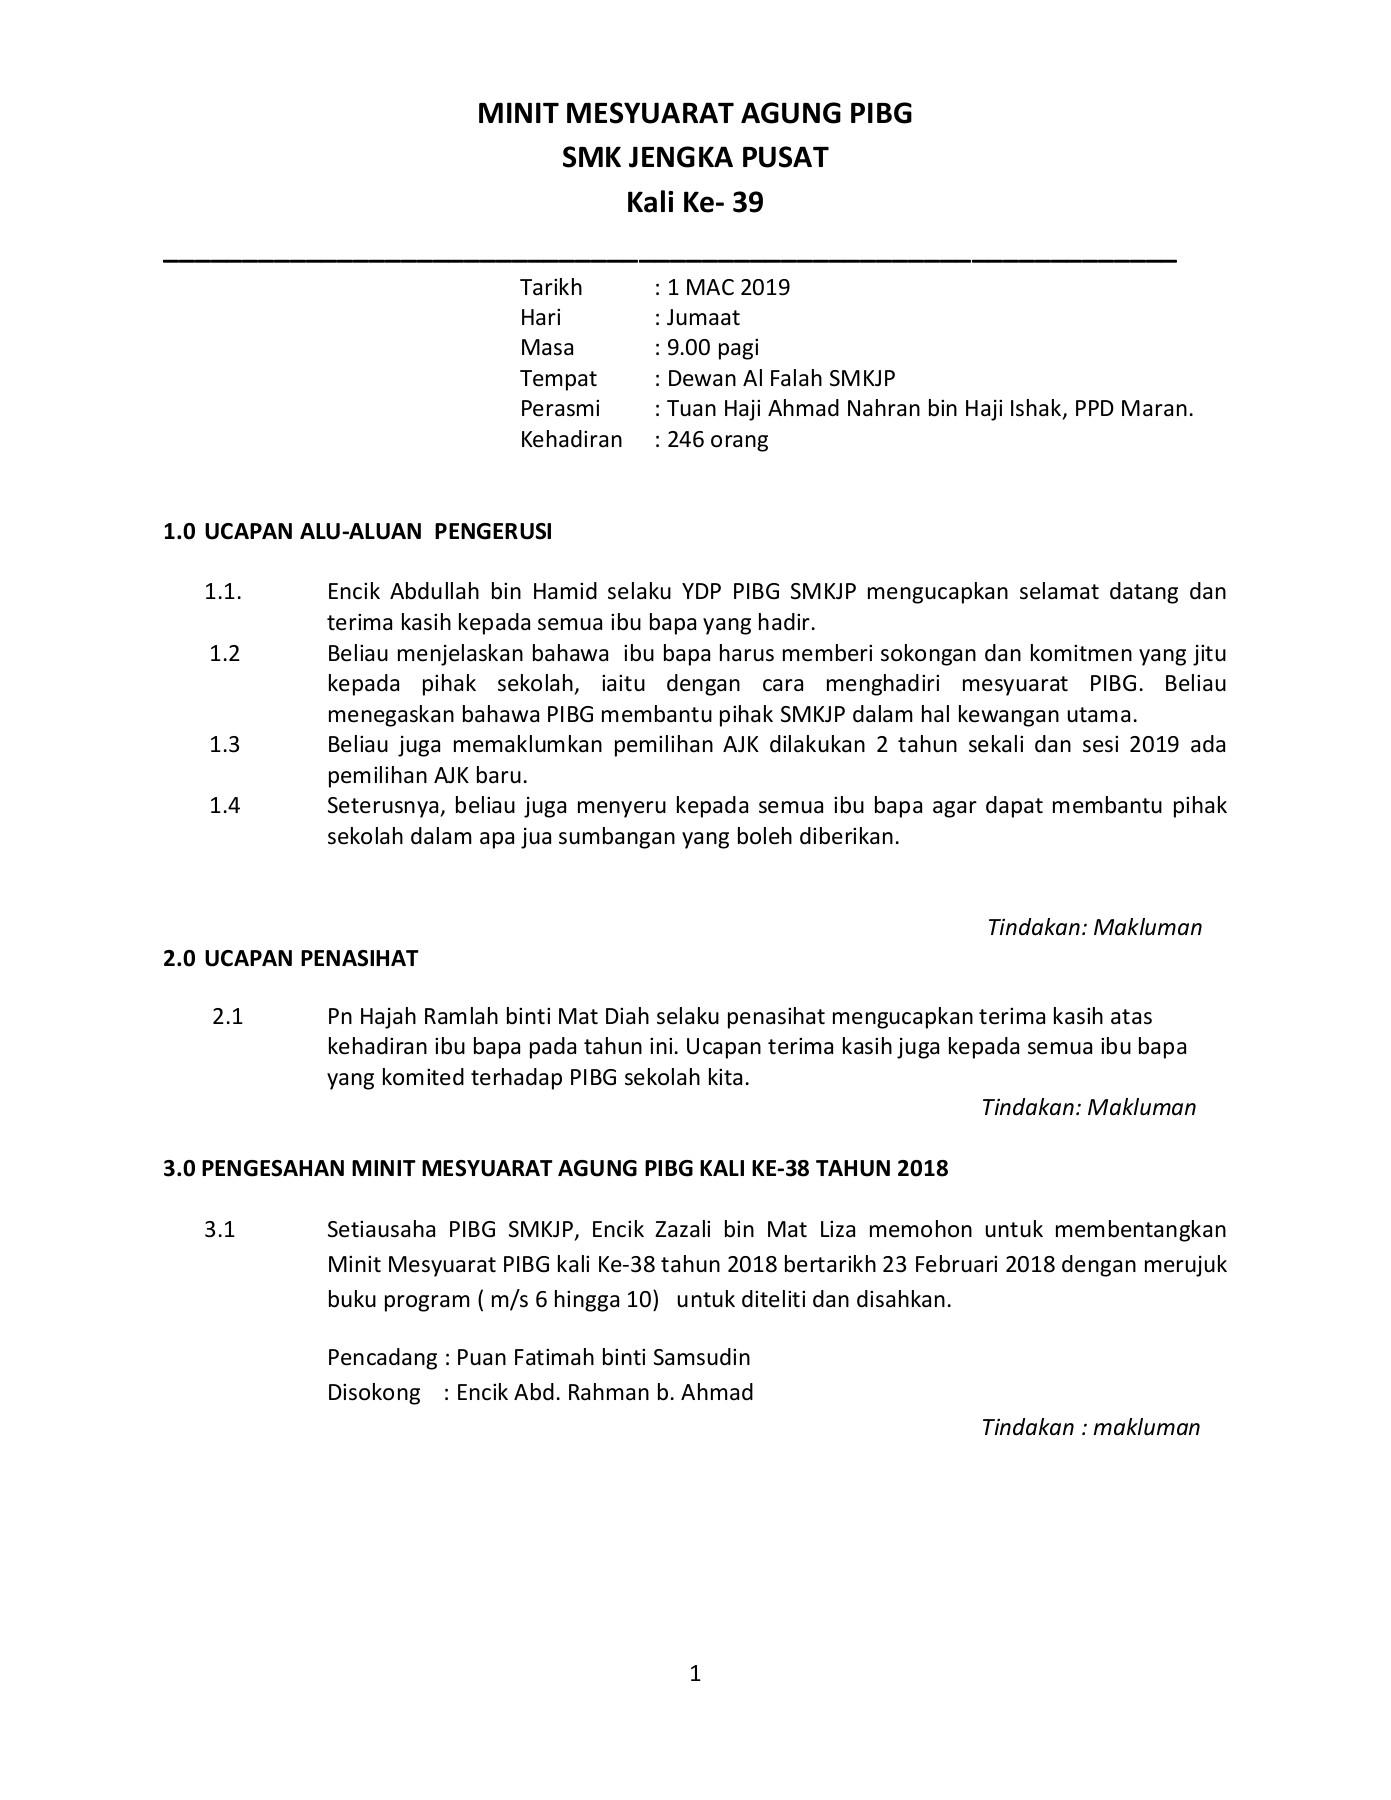 Agenda Mesyuarat Agung Pibg